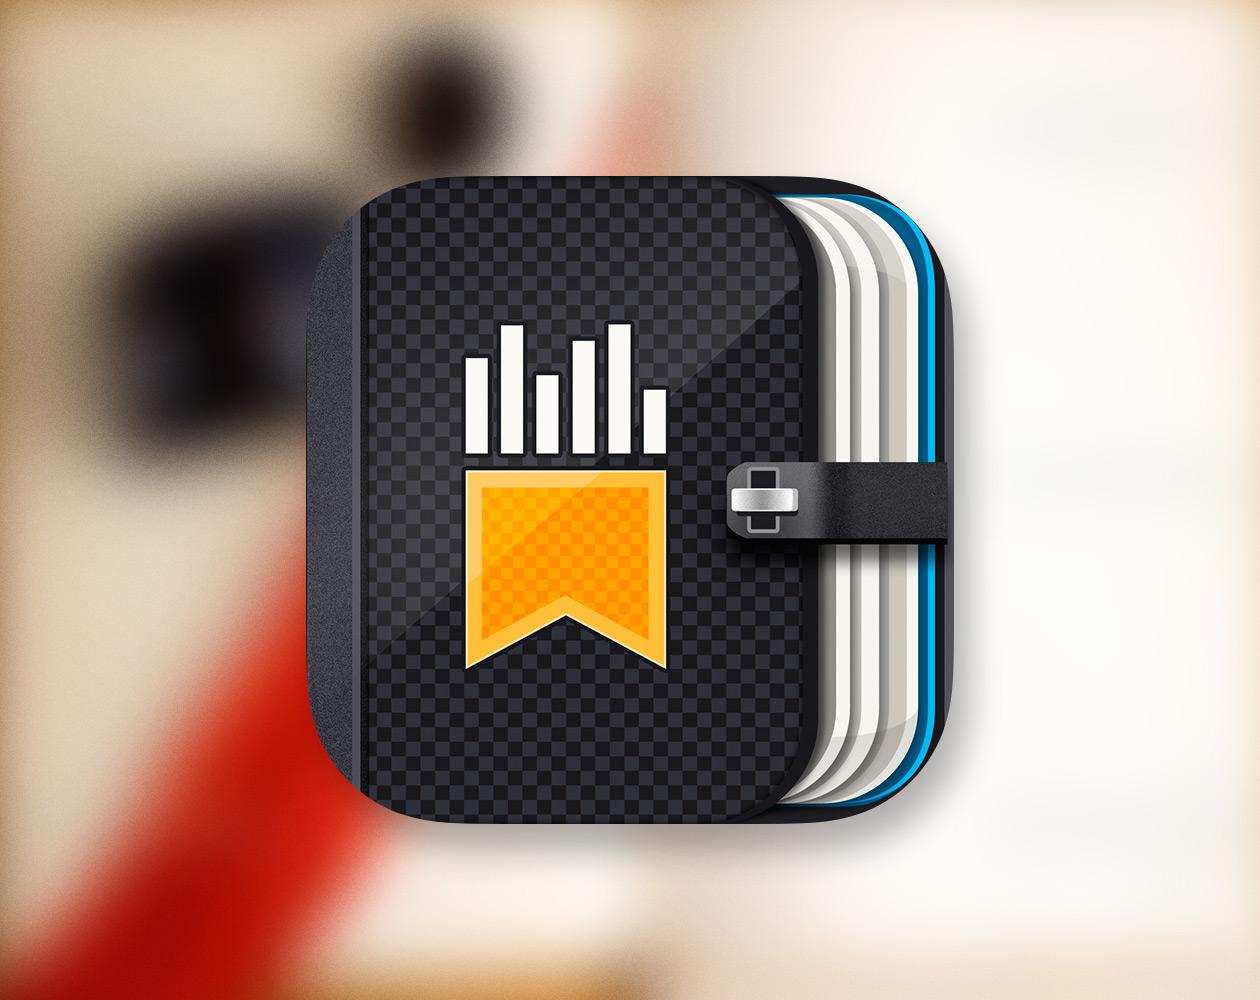 Soundmarks для iOS: лучший инструмент для ведения конспектов лекций и выступлений